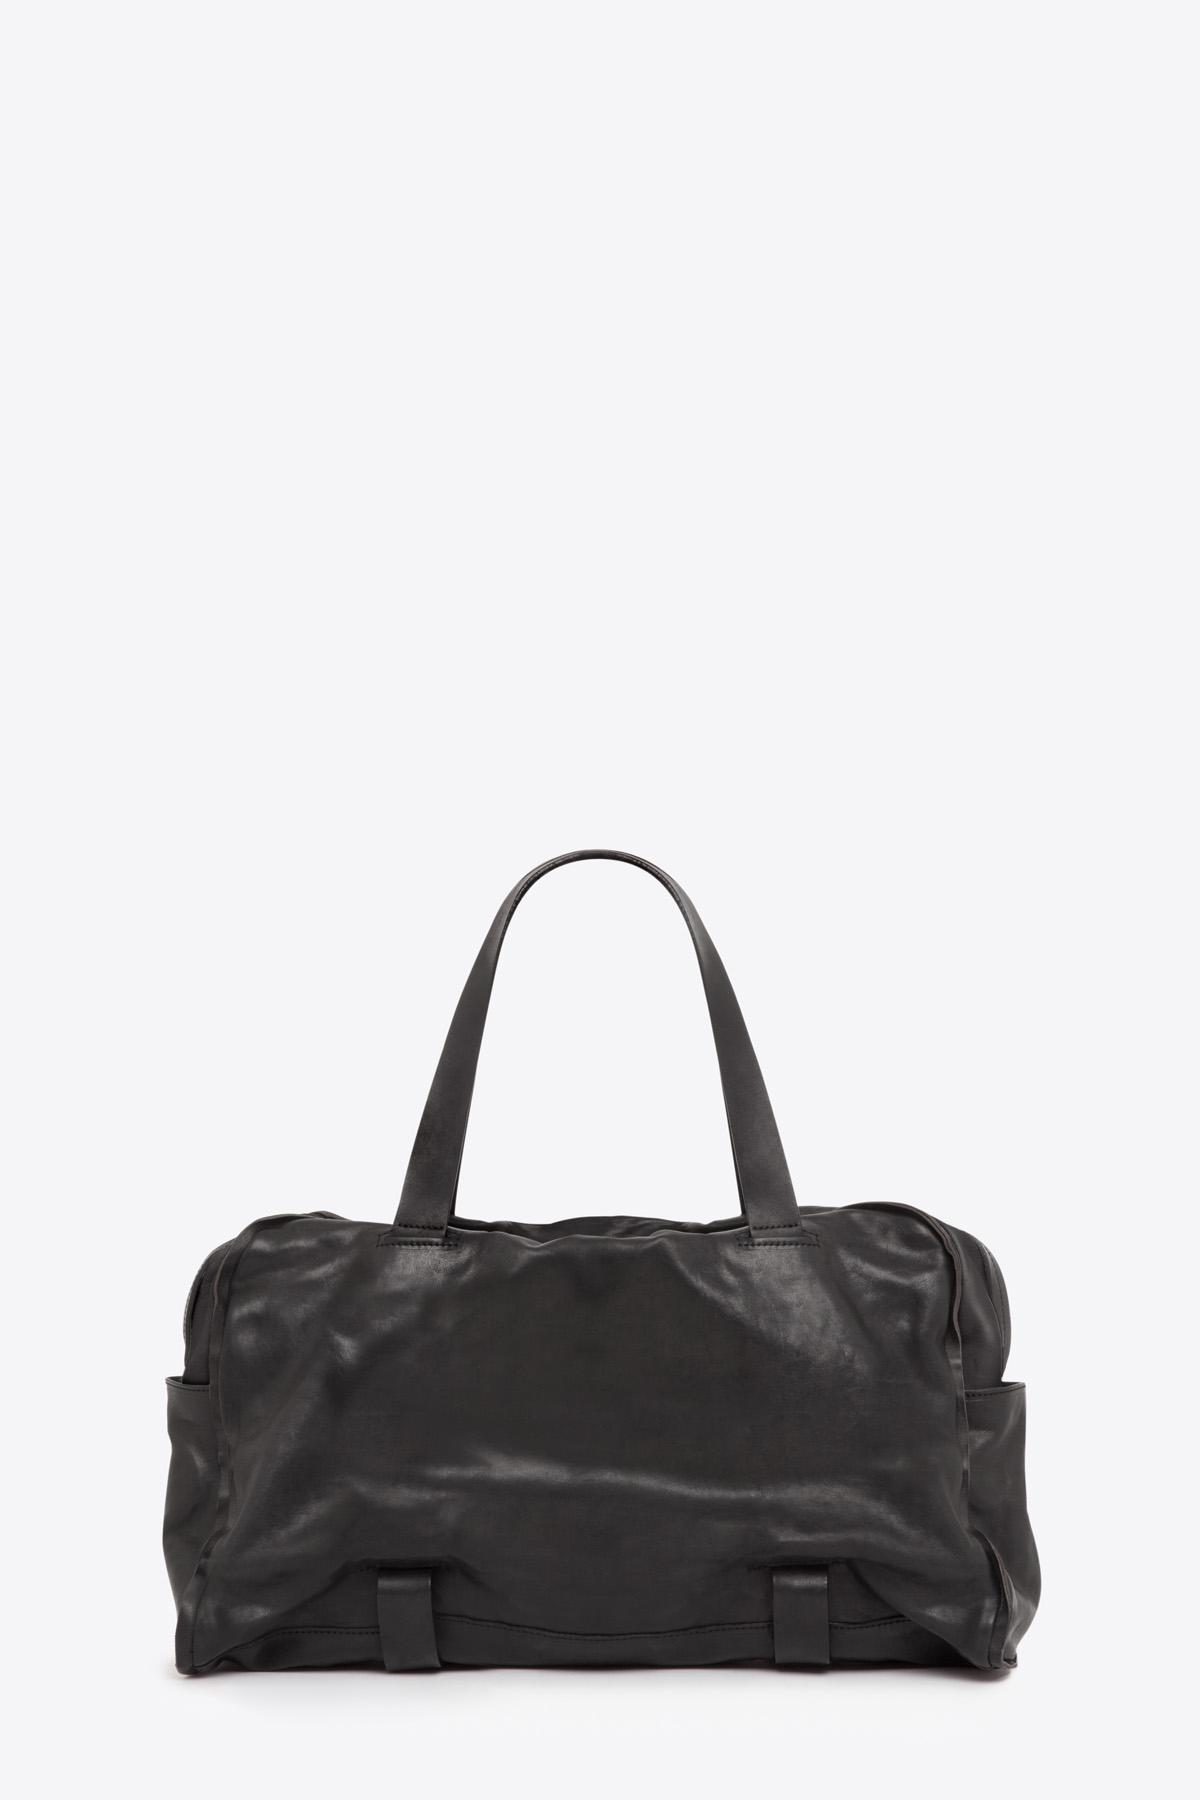 dclr012-lastnite-a1-black-back